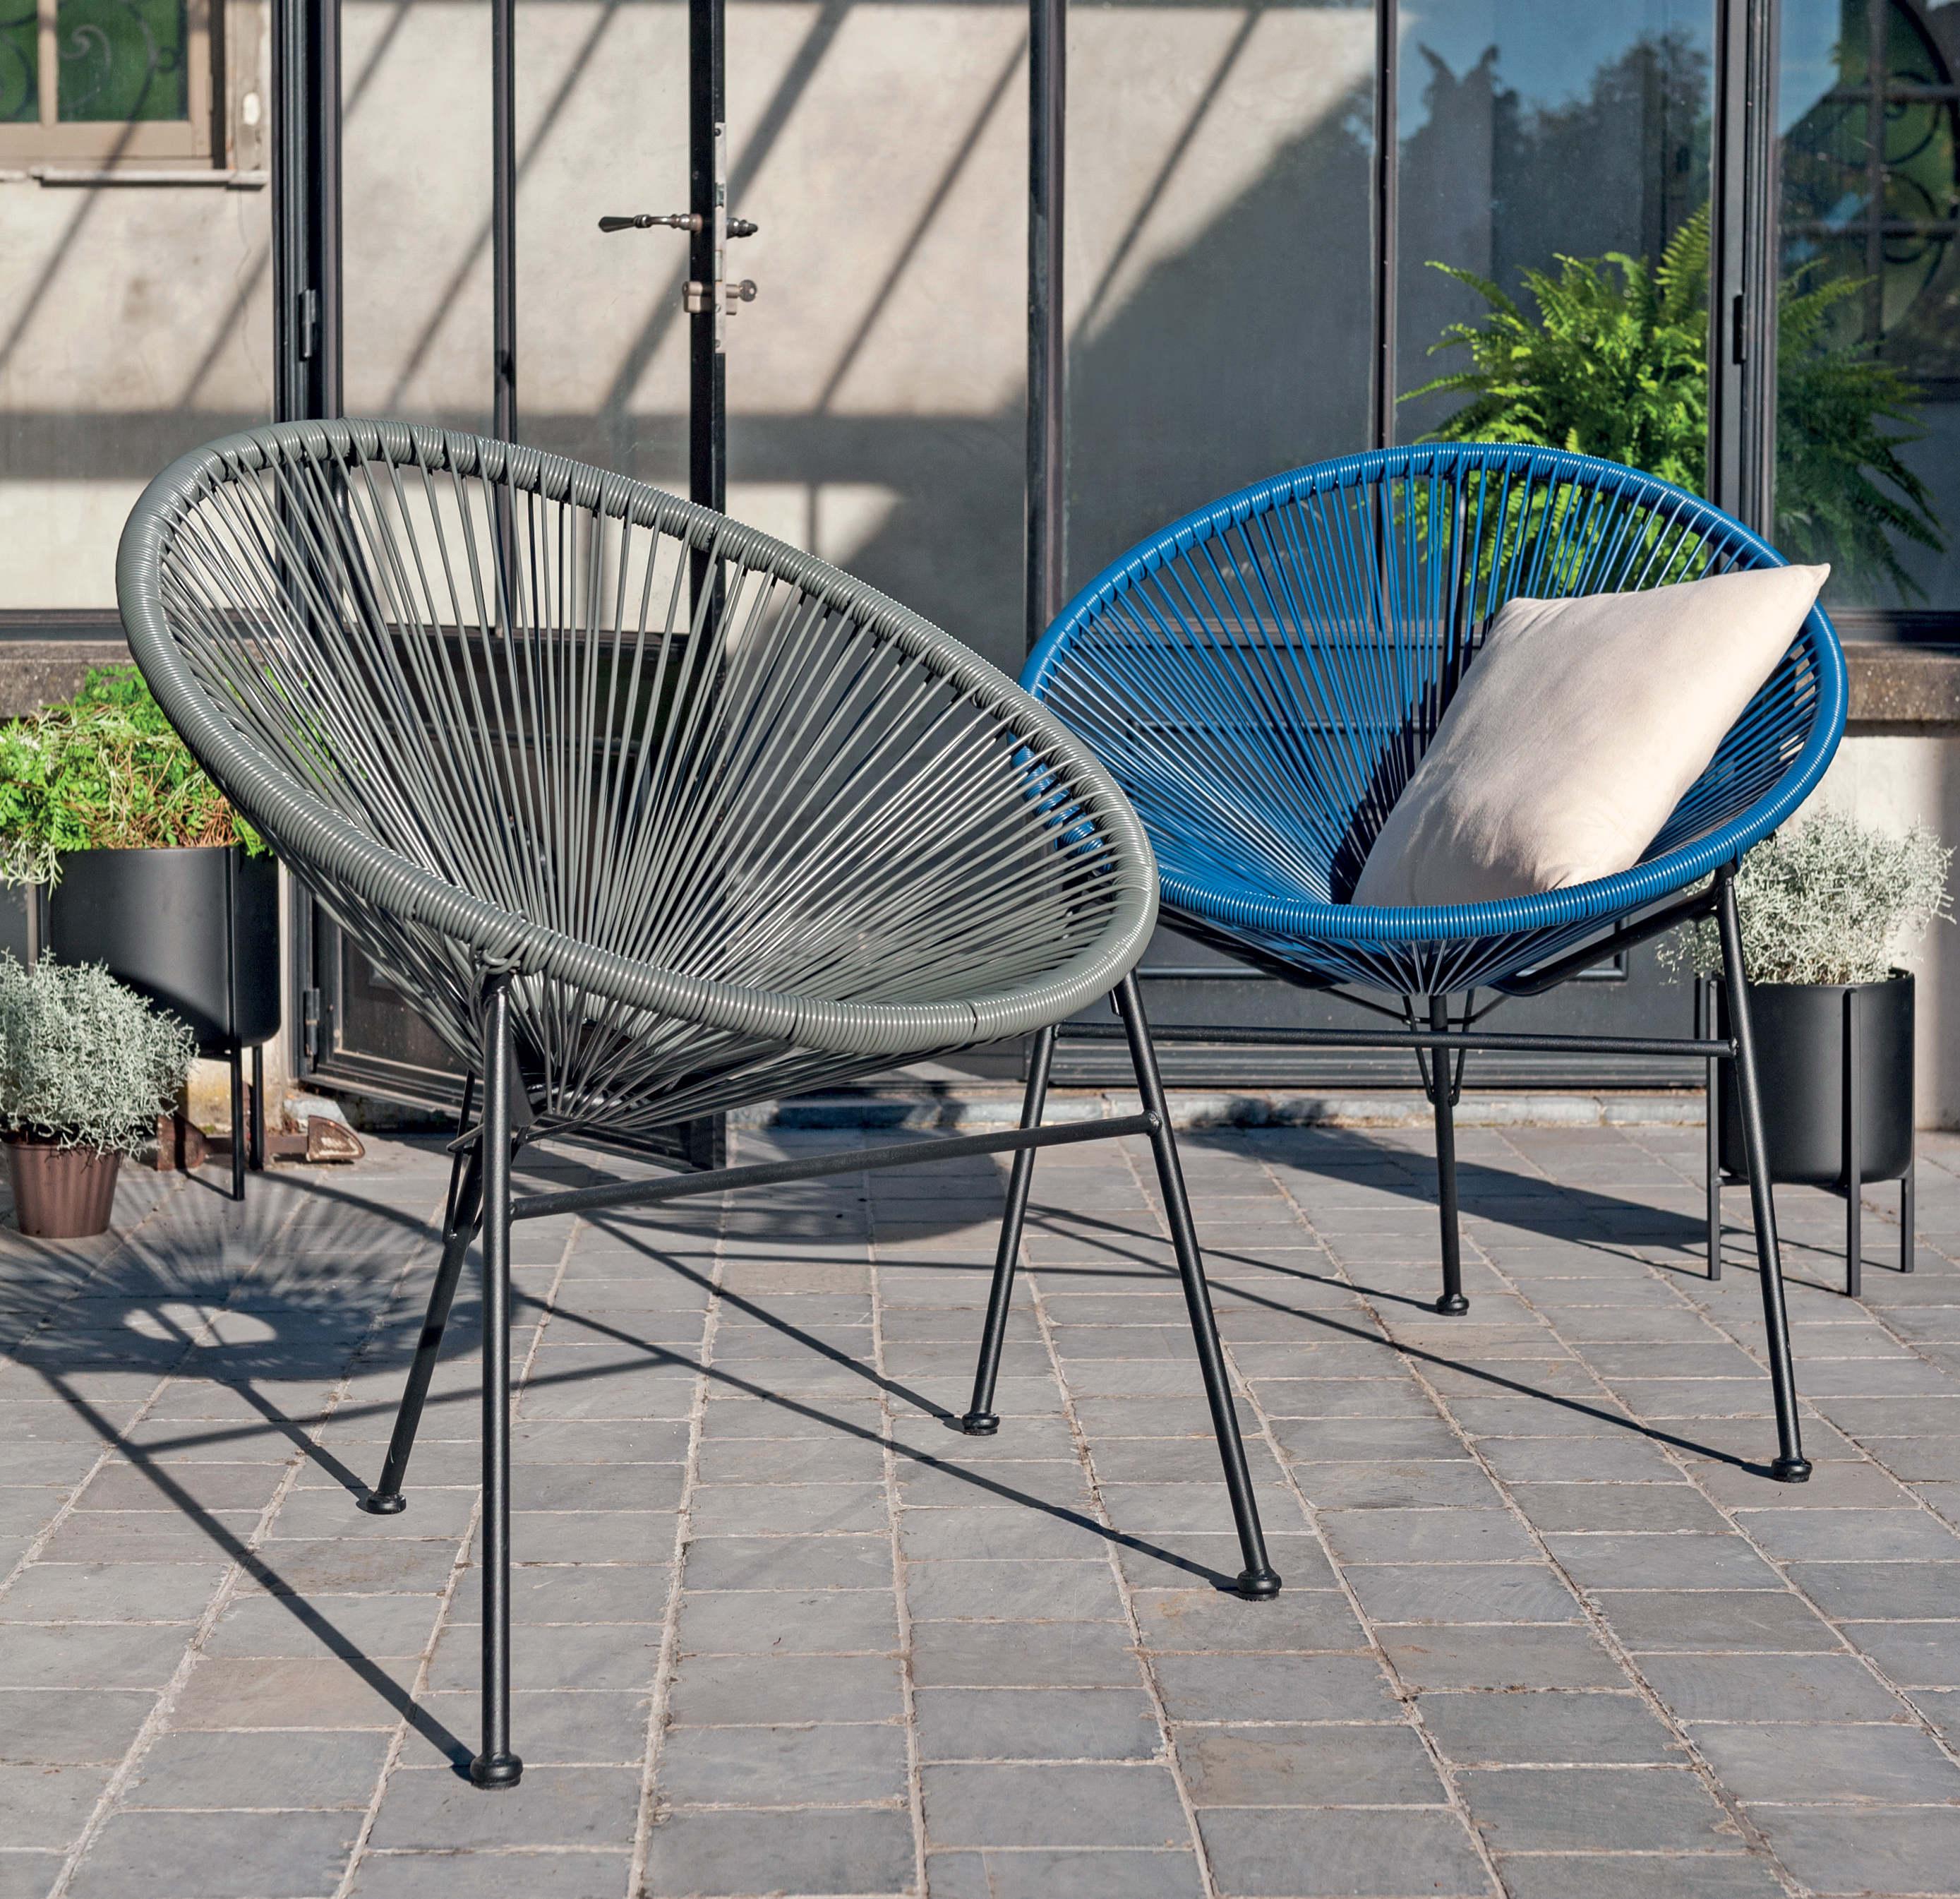 Blog La Foir'Fouille - Style - Le style industriel s'invite au jardin